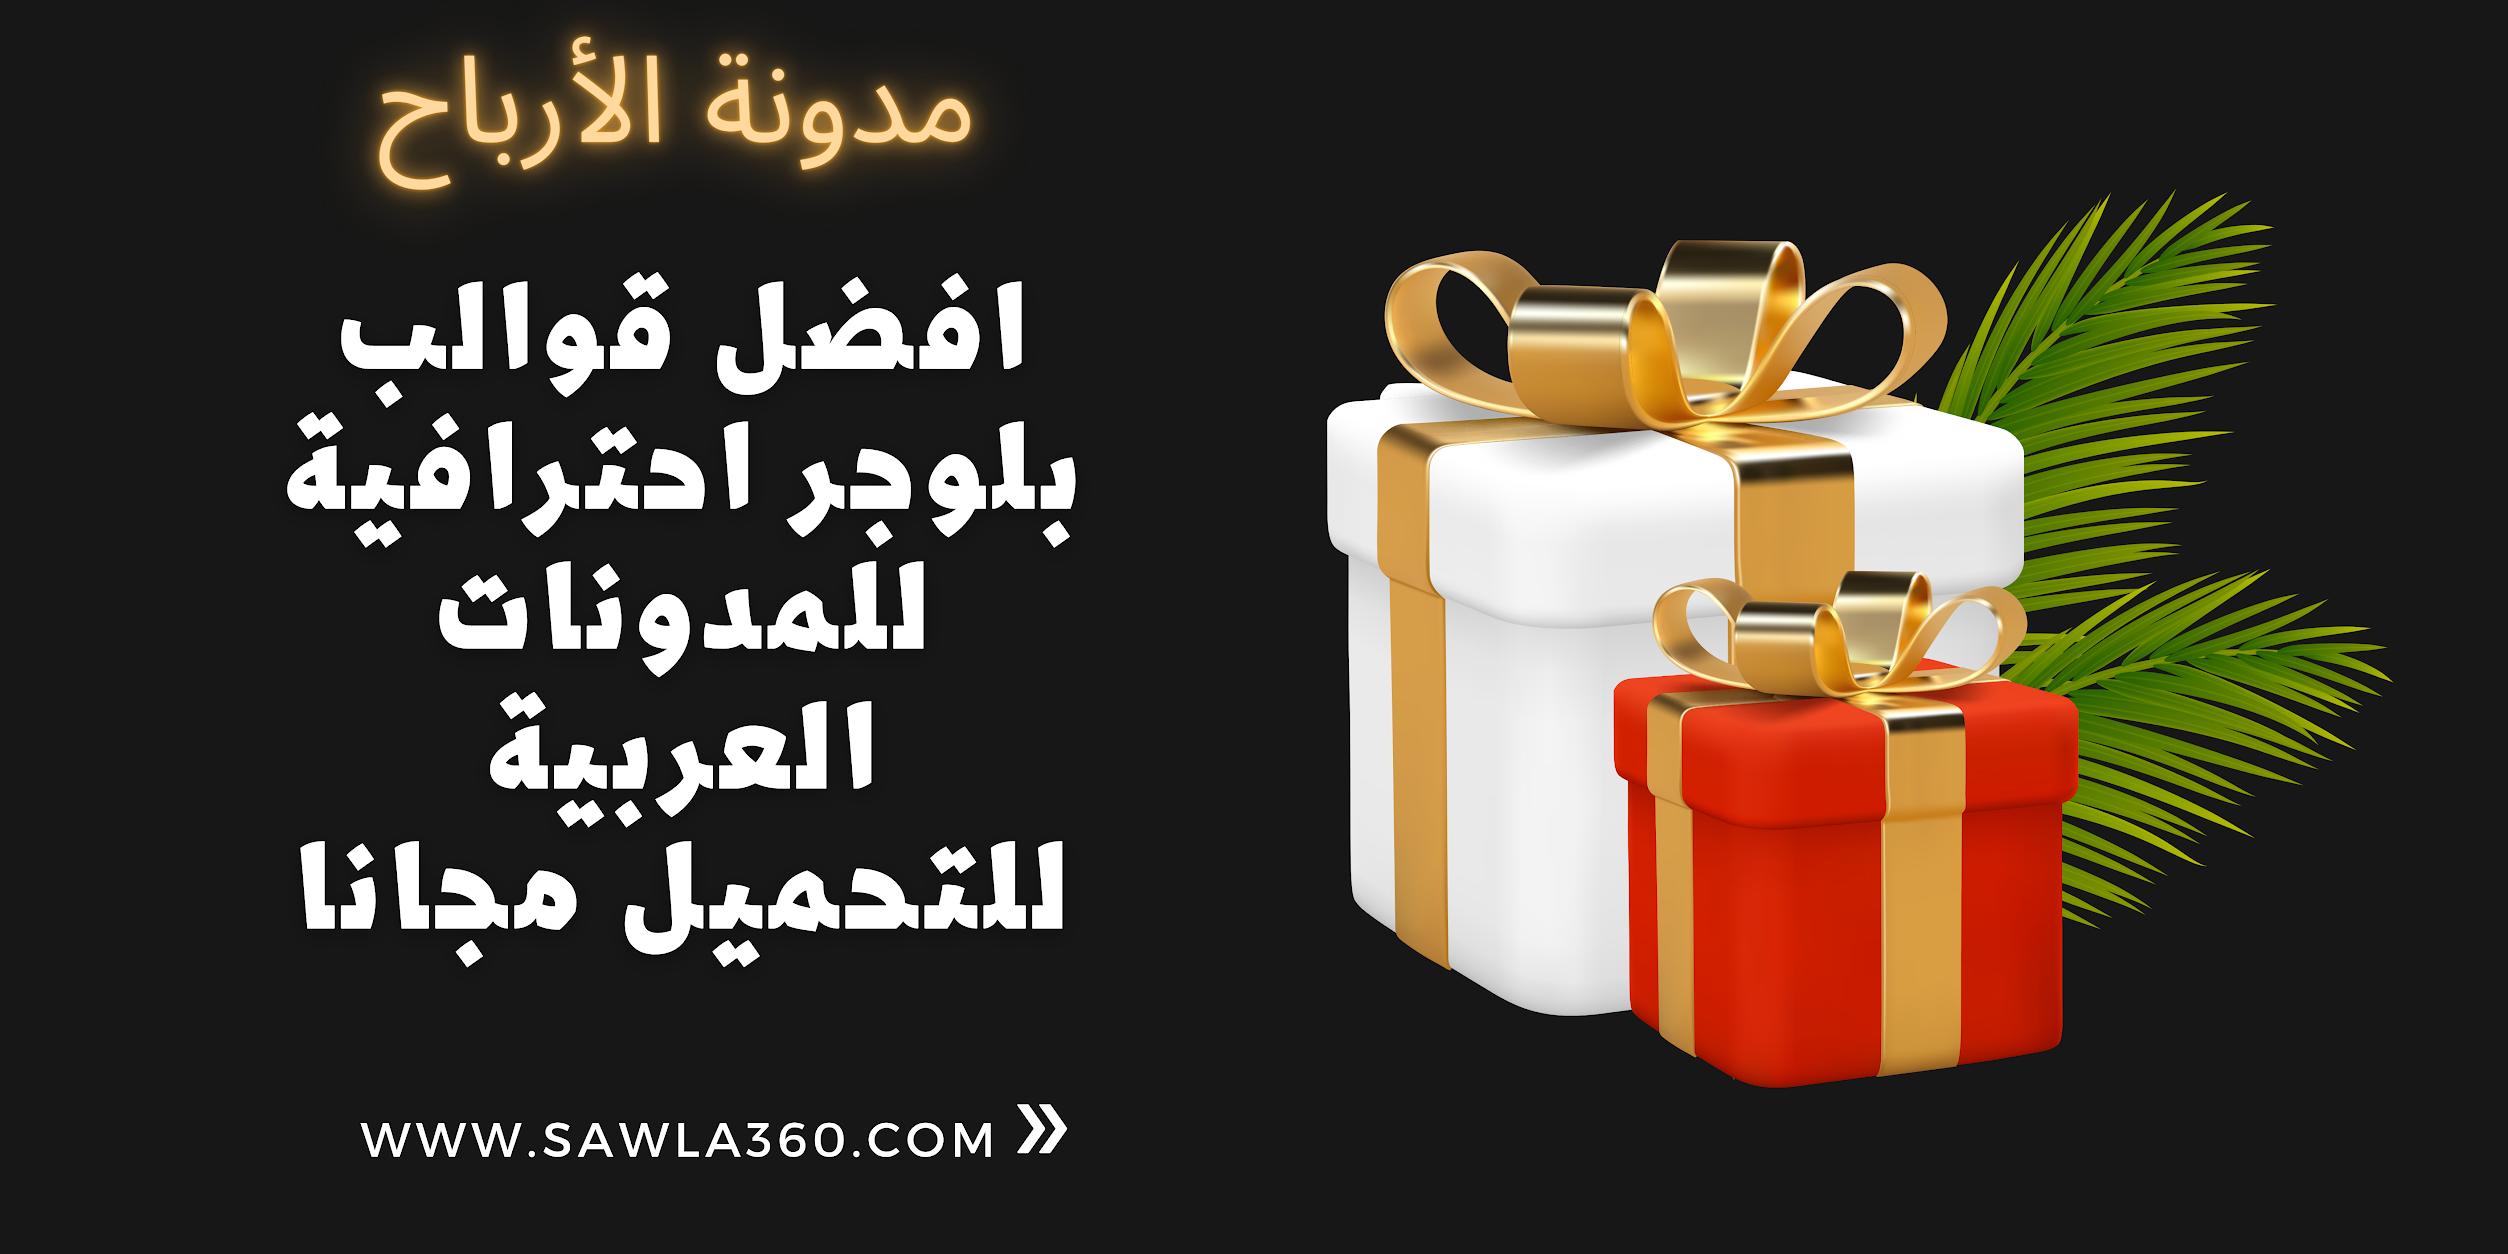 افضل قوالب بلوجر احترافية للمدونات العربية للتحميل مجانا تحديث 2021